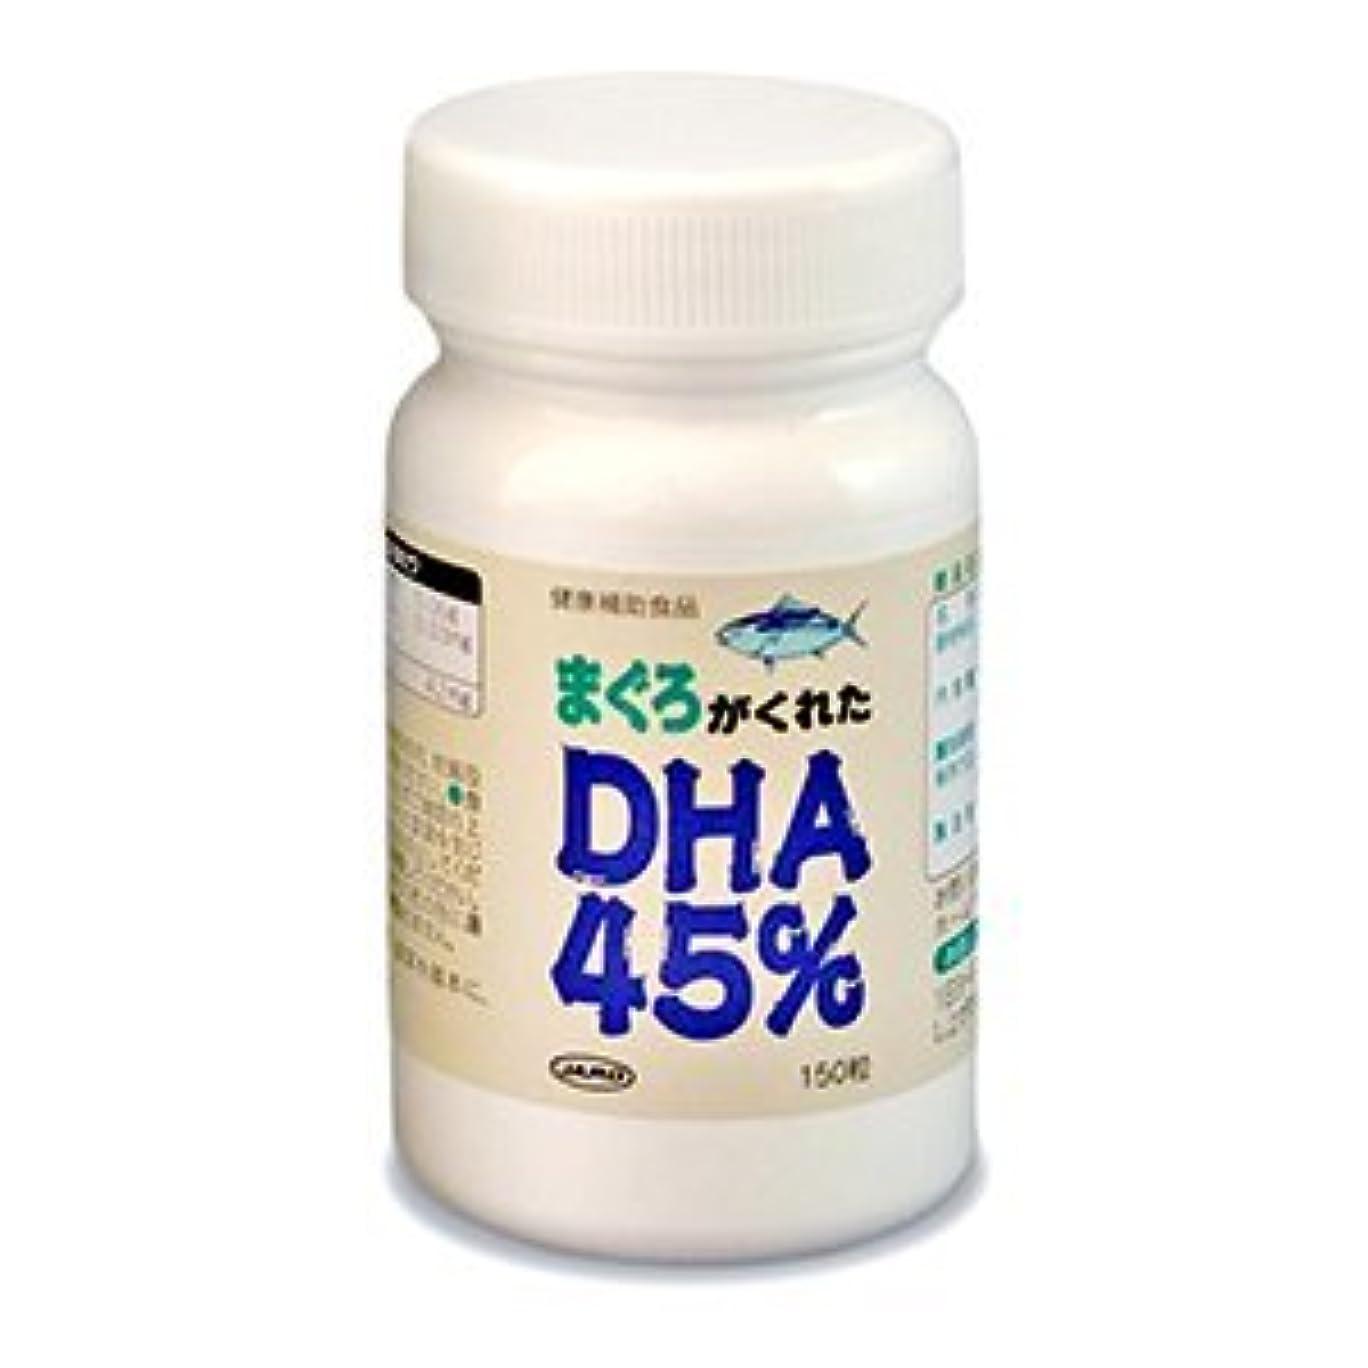 付属品レオナルドダ自動的にまぐろがくれたDHA45% 150粒(約1ヶ月分)